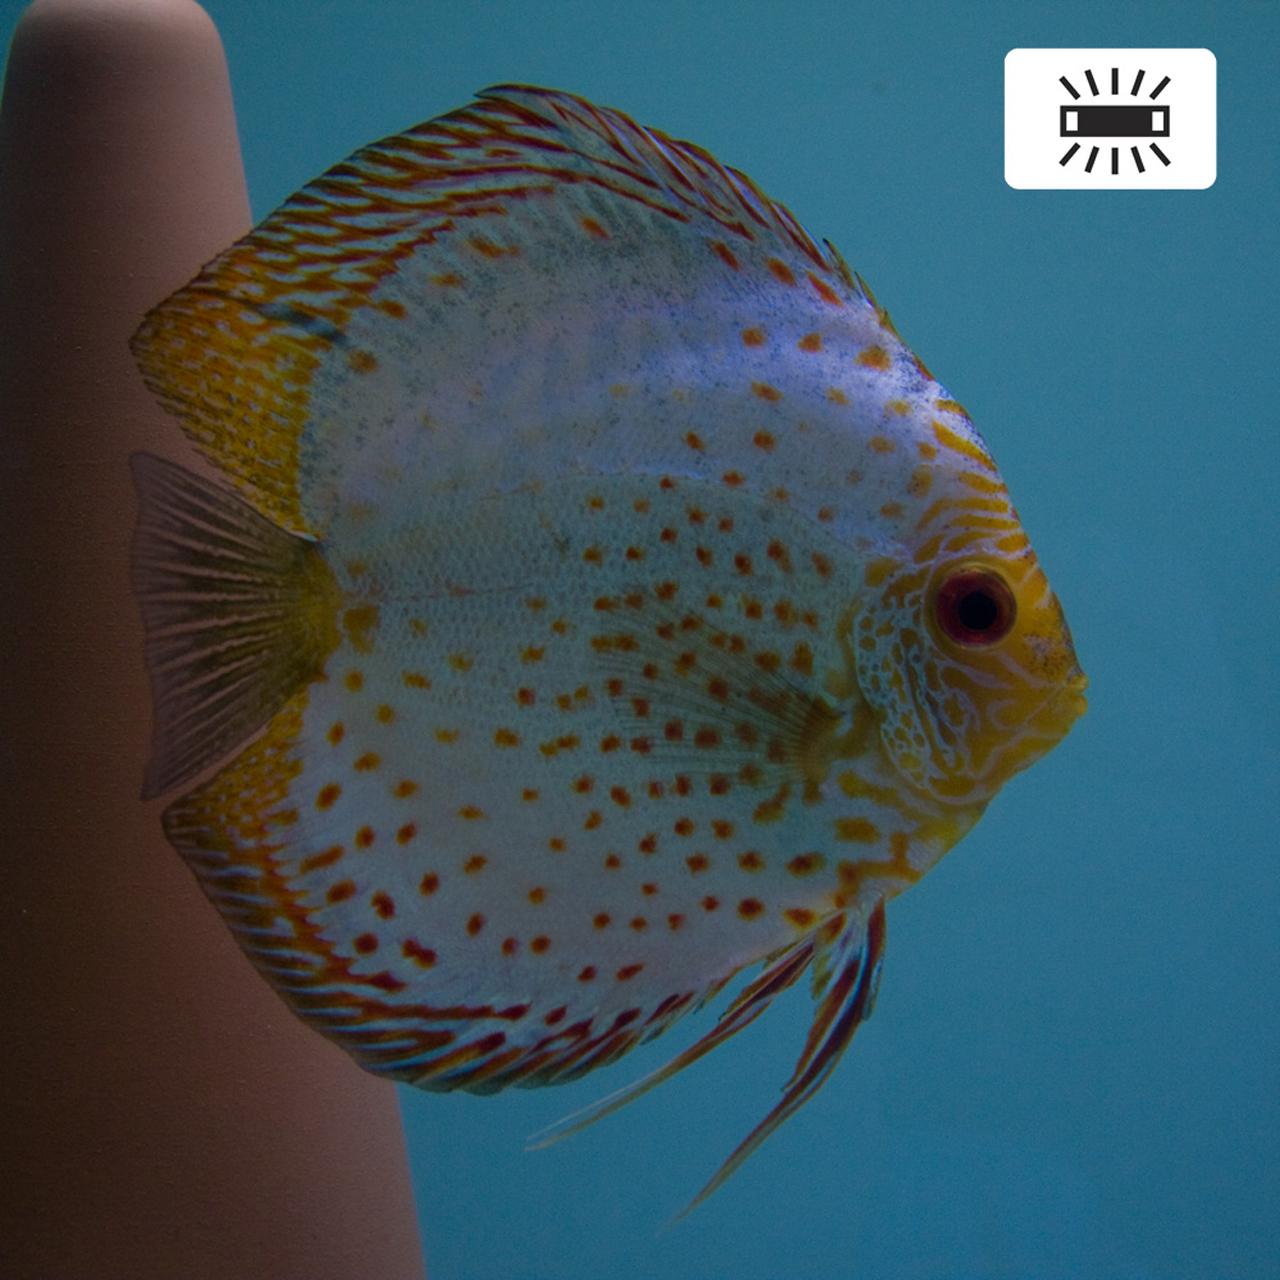 Aquarium fotografie voorbeeld foto met witbalans: Wit Tl-licht